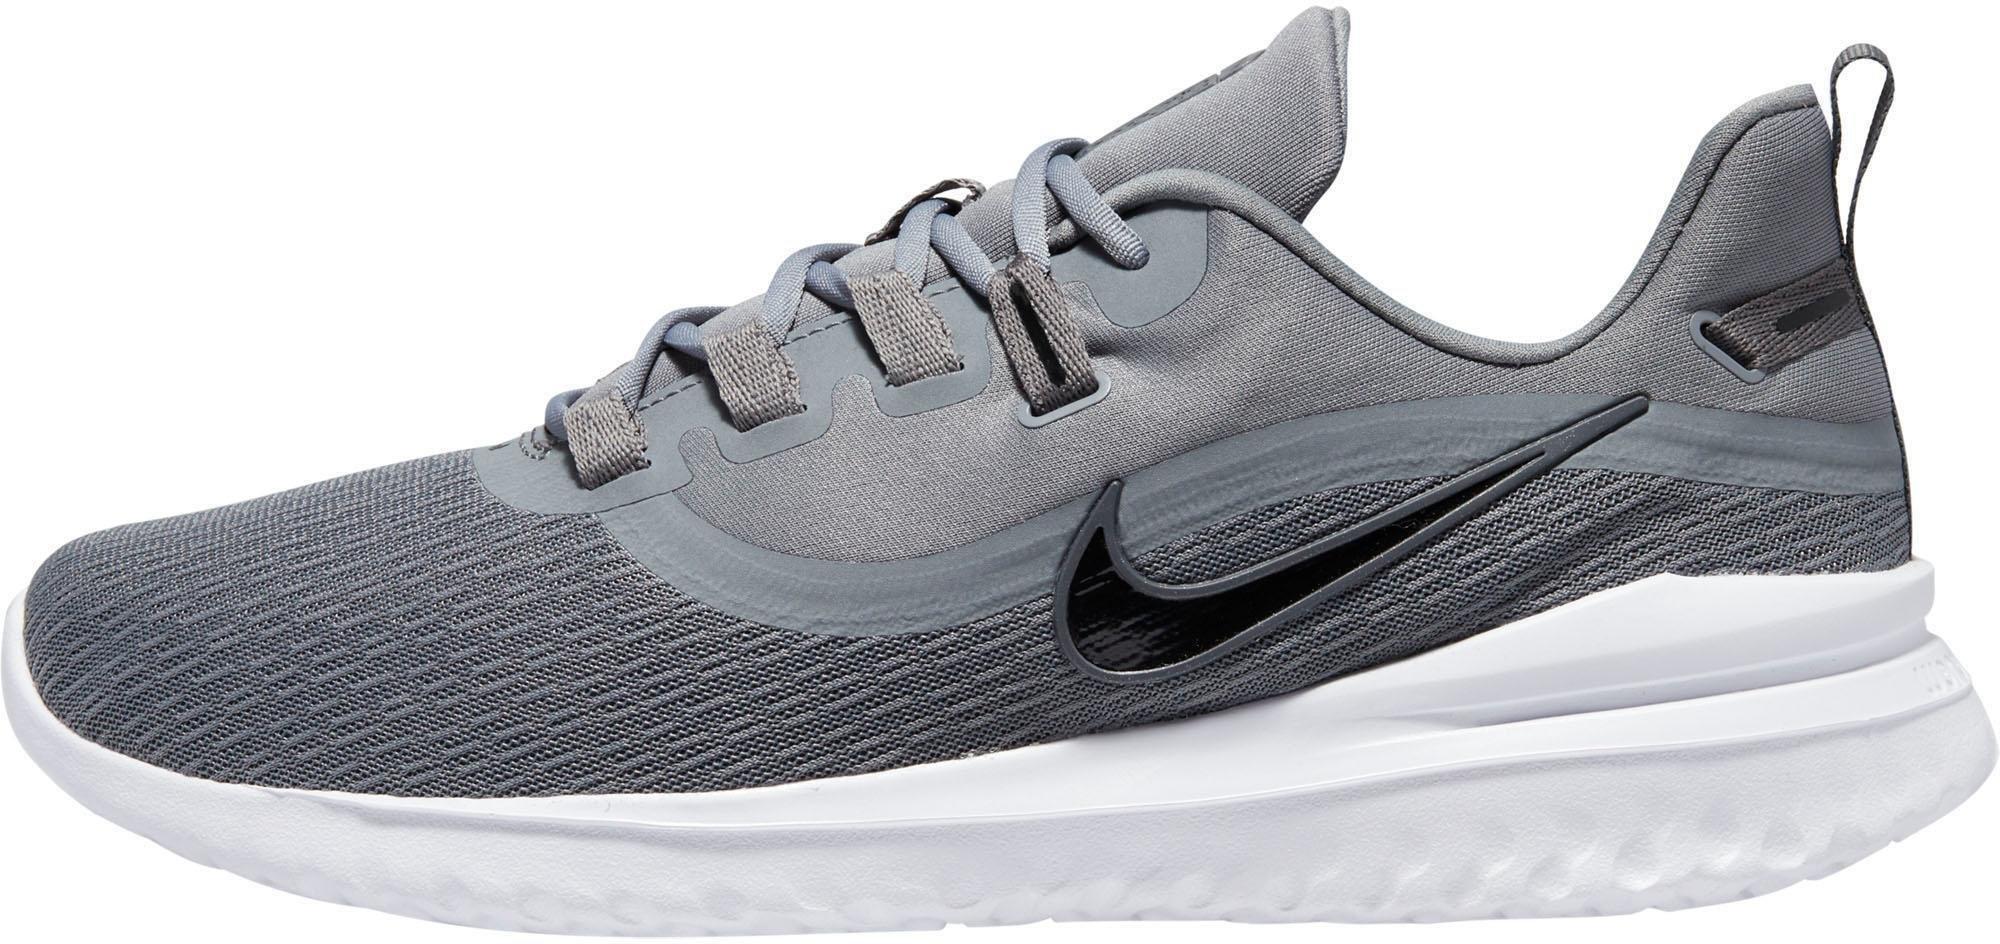 Nike runningschoenen »Renew Rival 2« nu online bestellen